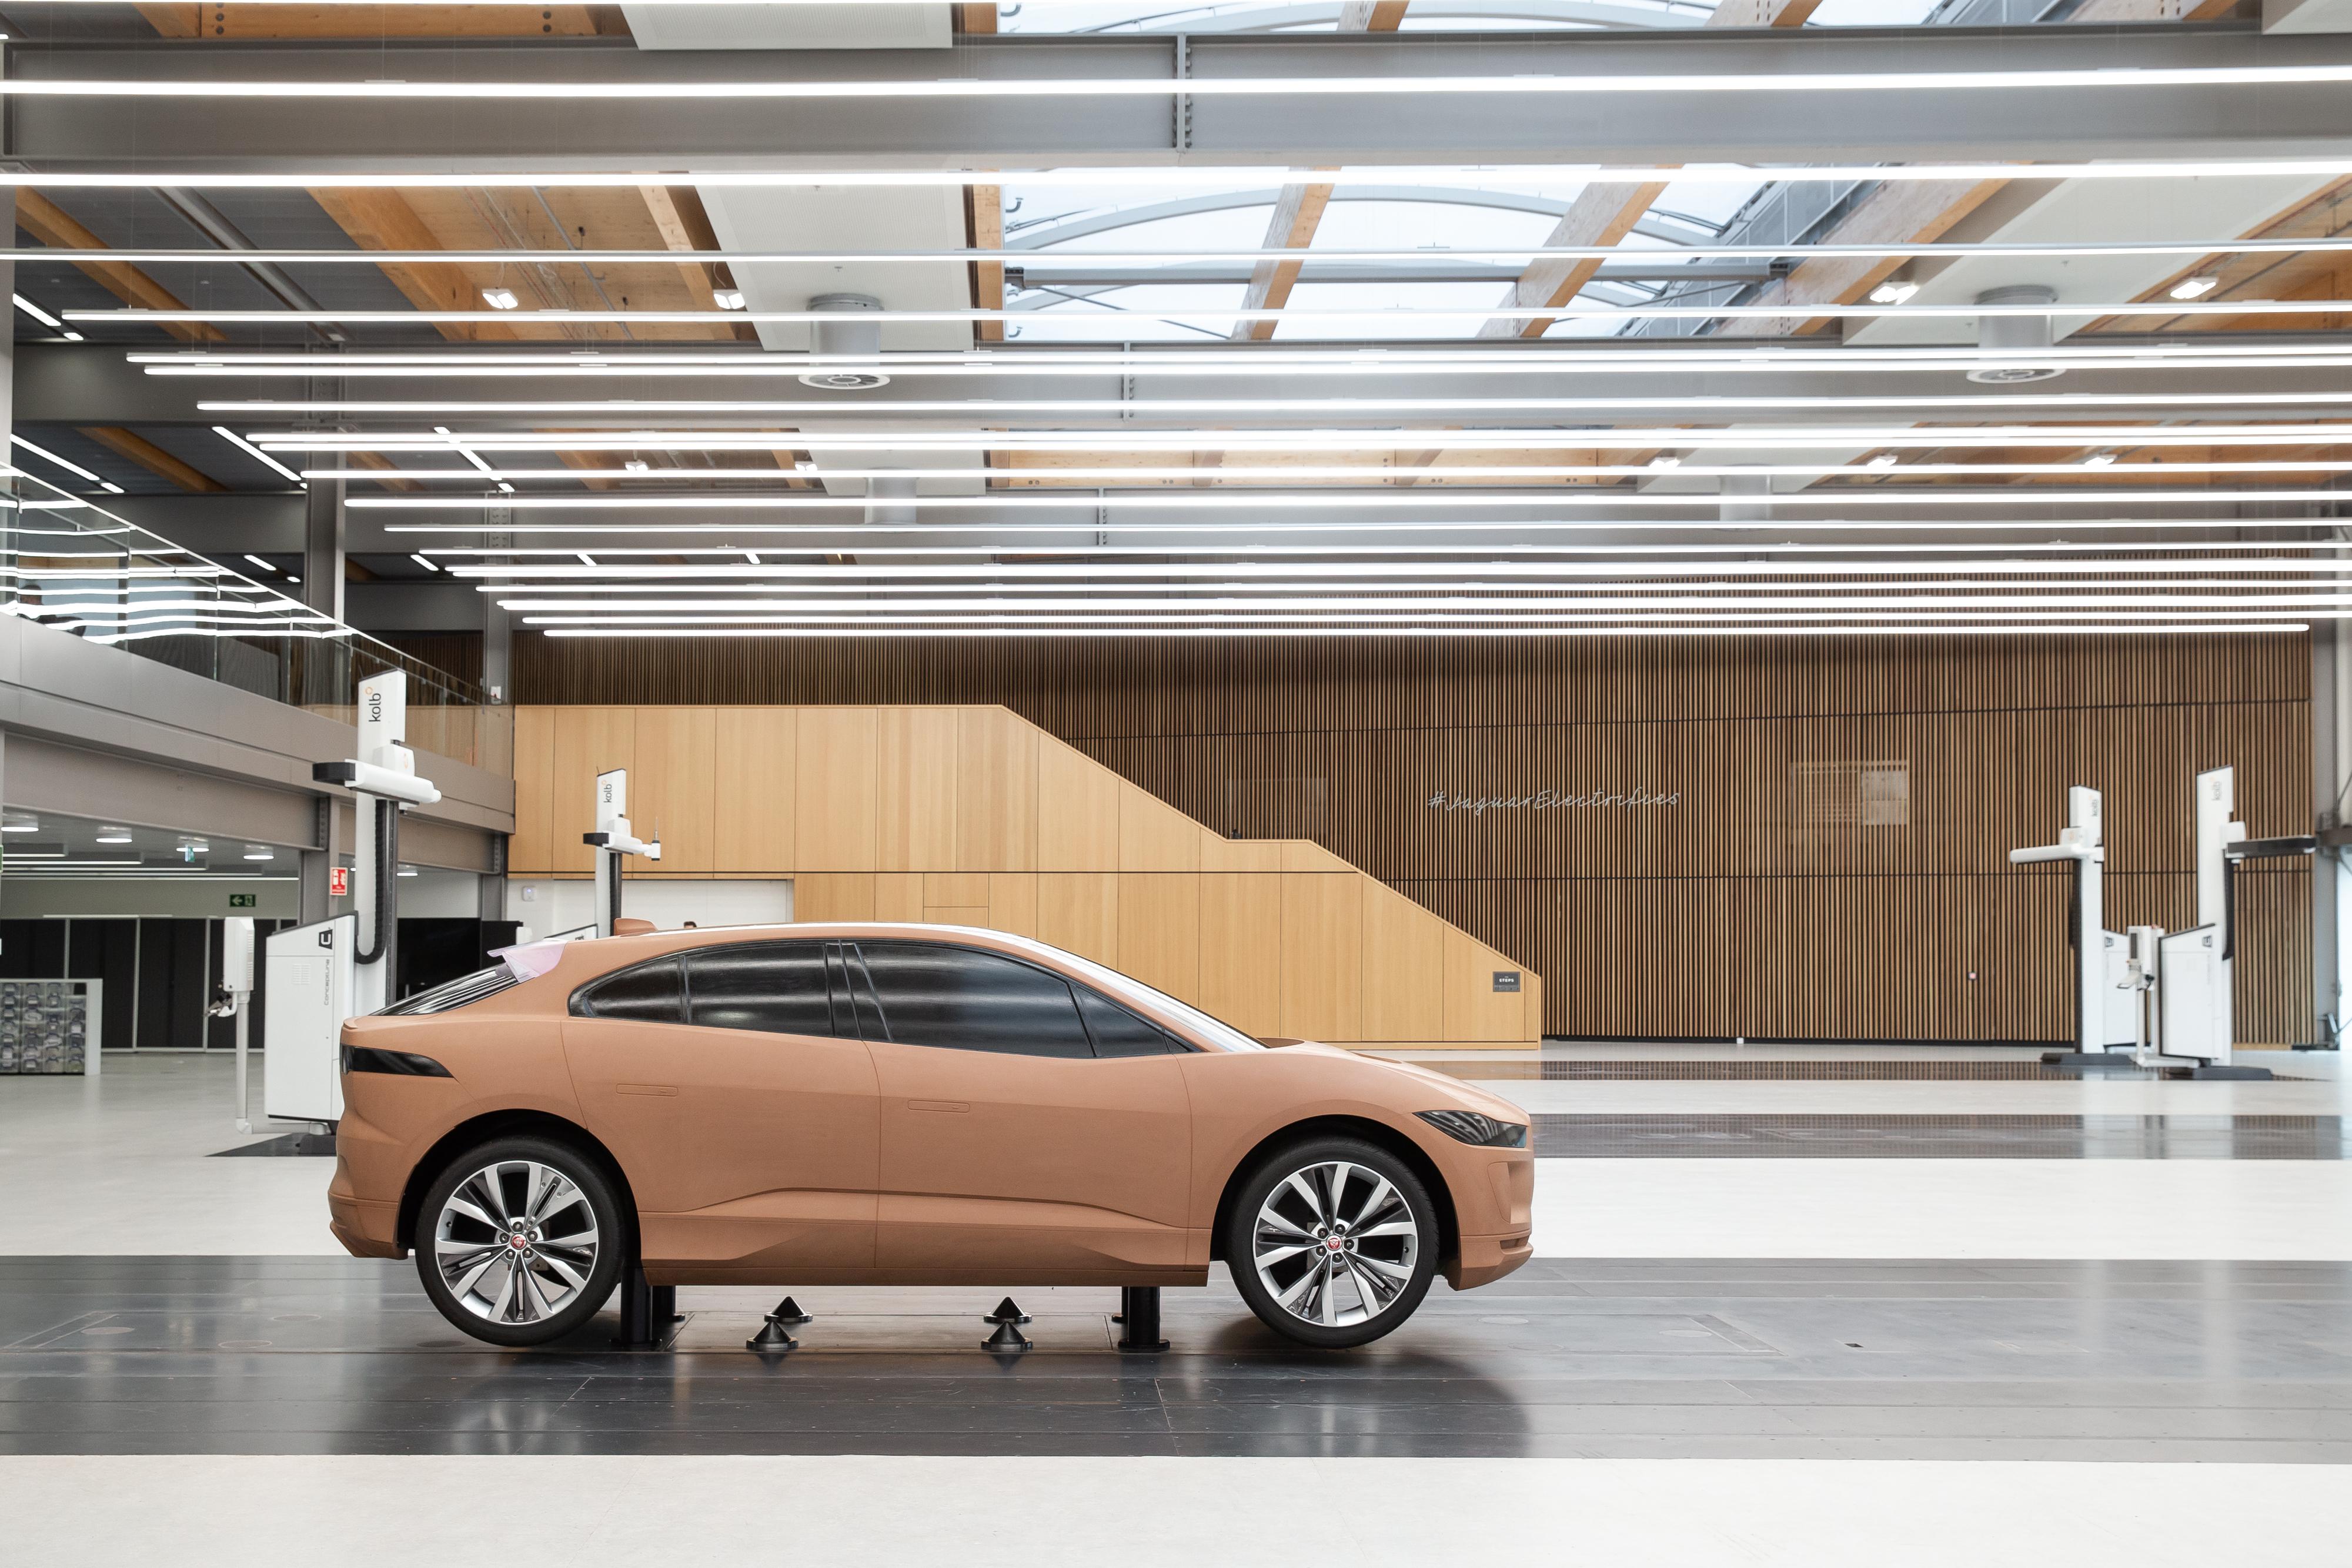 捷豹首个独立设计中心揭幕,如何用设计引领未来?